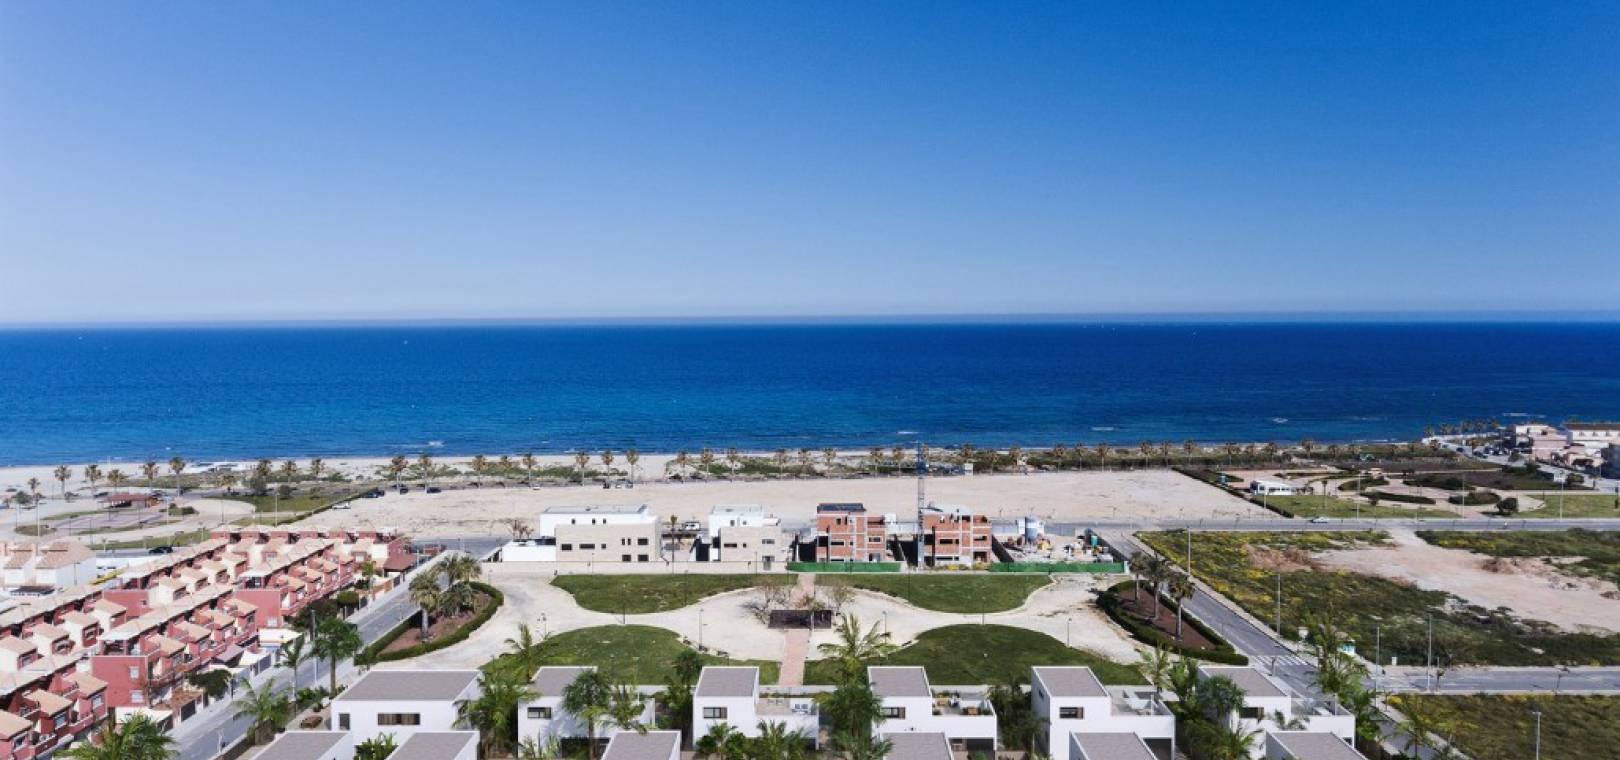 Torre_de_la_Horadada_New_Build_Luxury_Villas_For_Sale_nsp257_20